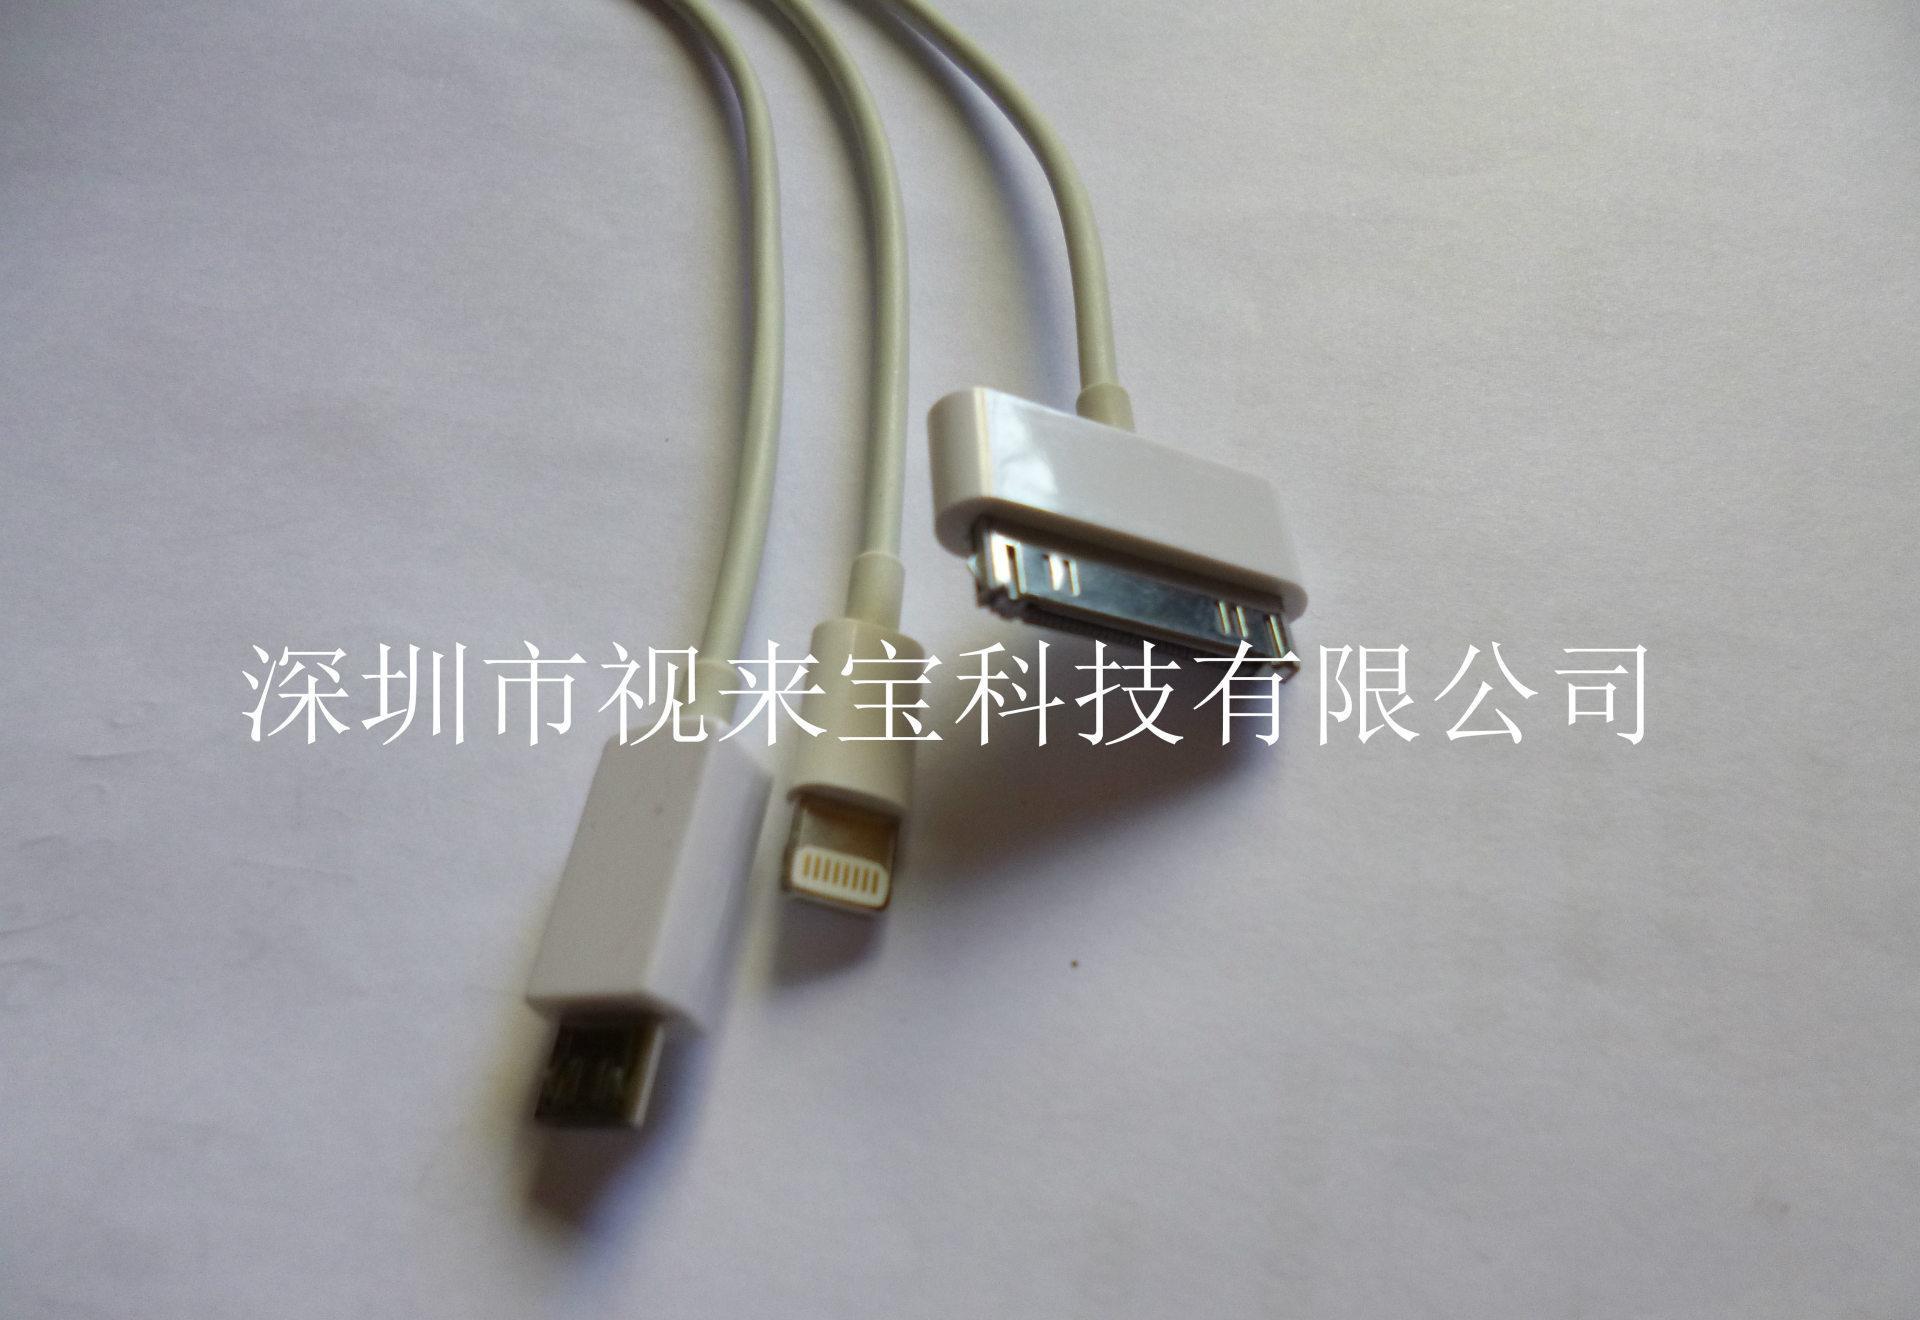 一拖三数据线 三合一数据线 usb数据线 充电线 数据线厂家批发